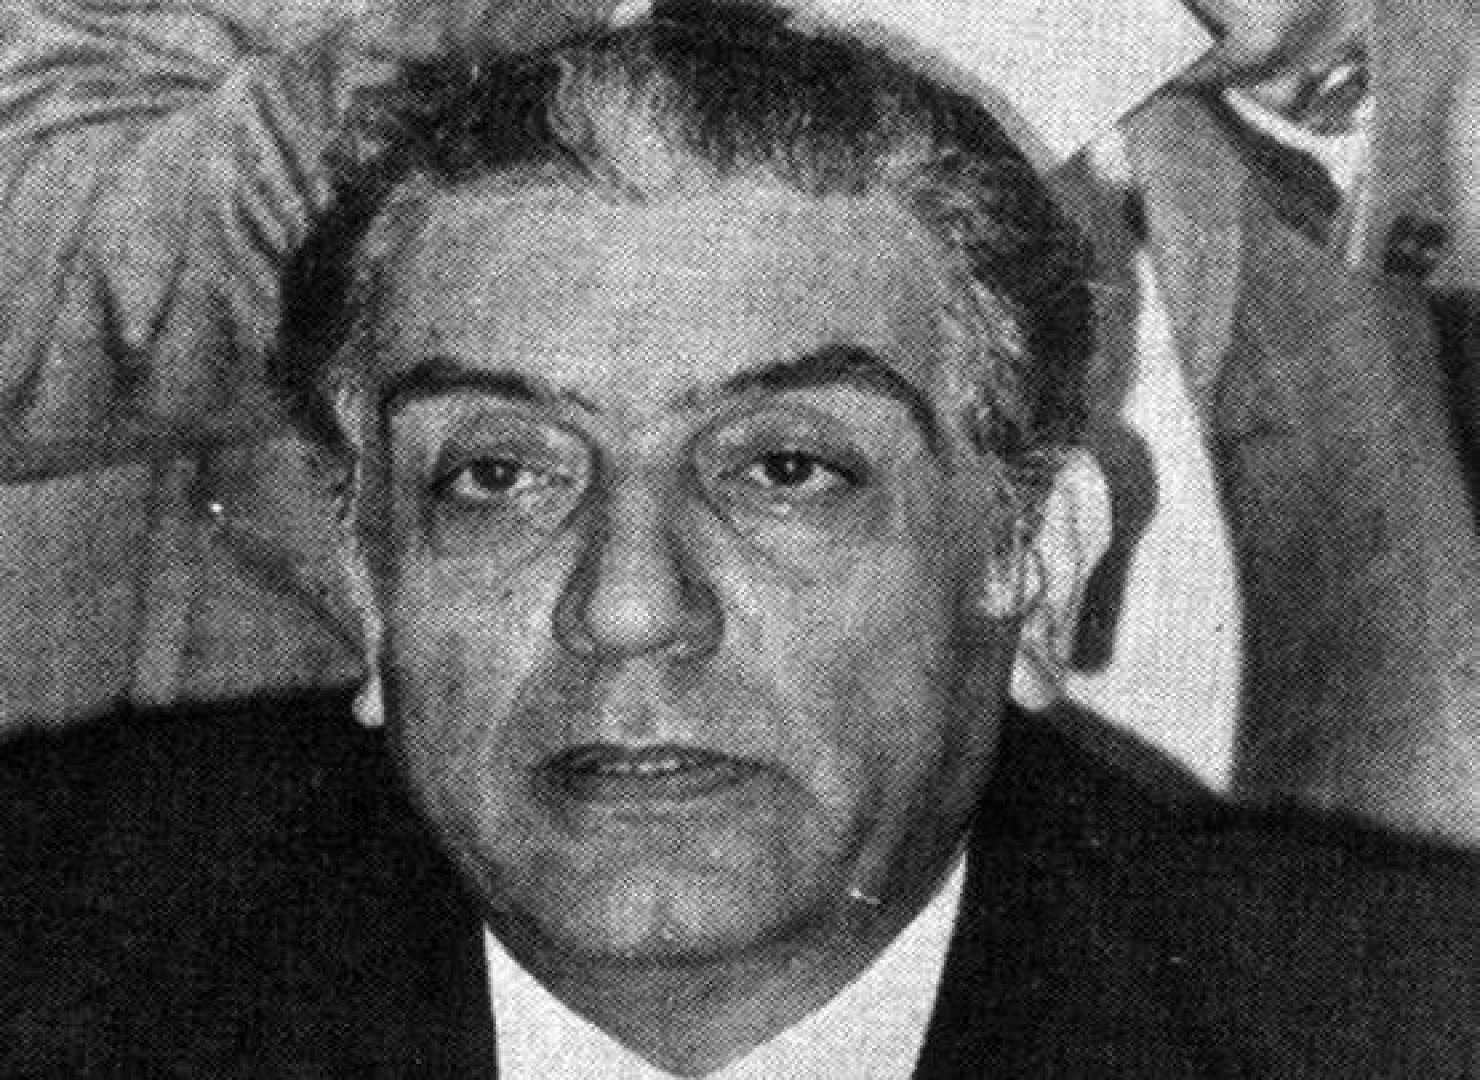 إلياس سركيس الرئيس اللبناني.. أرشيفية